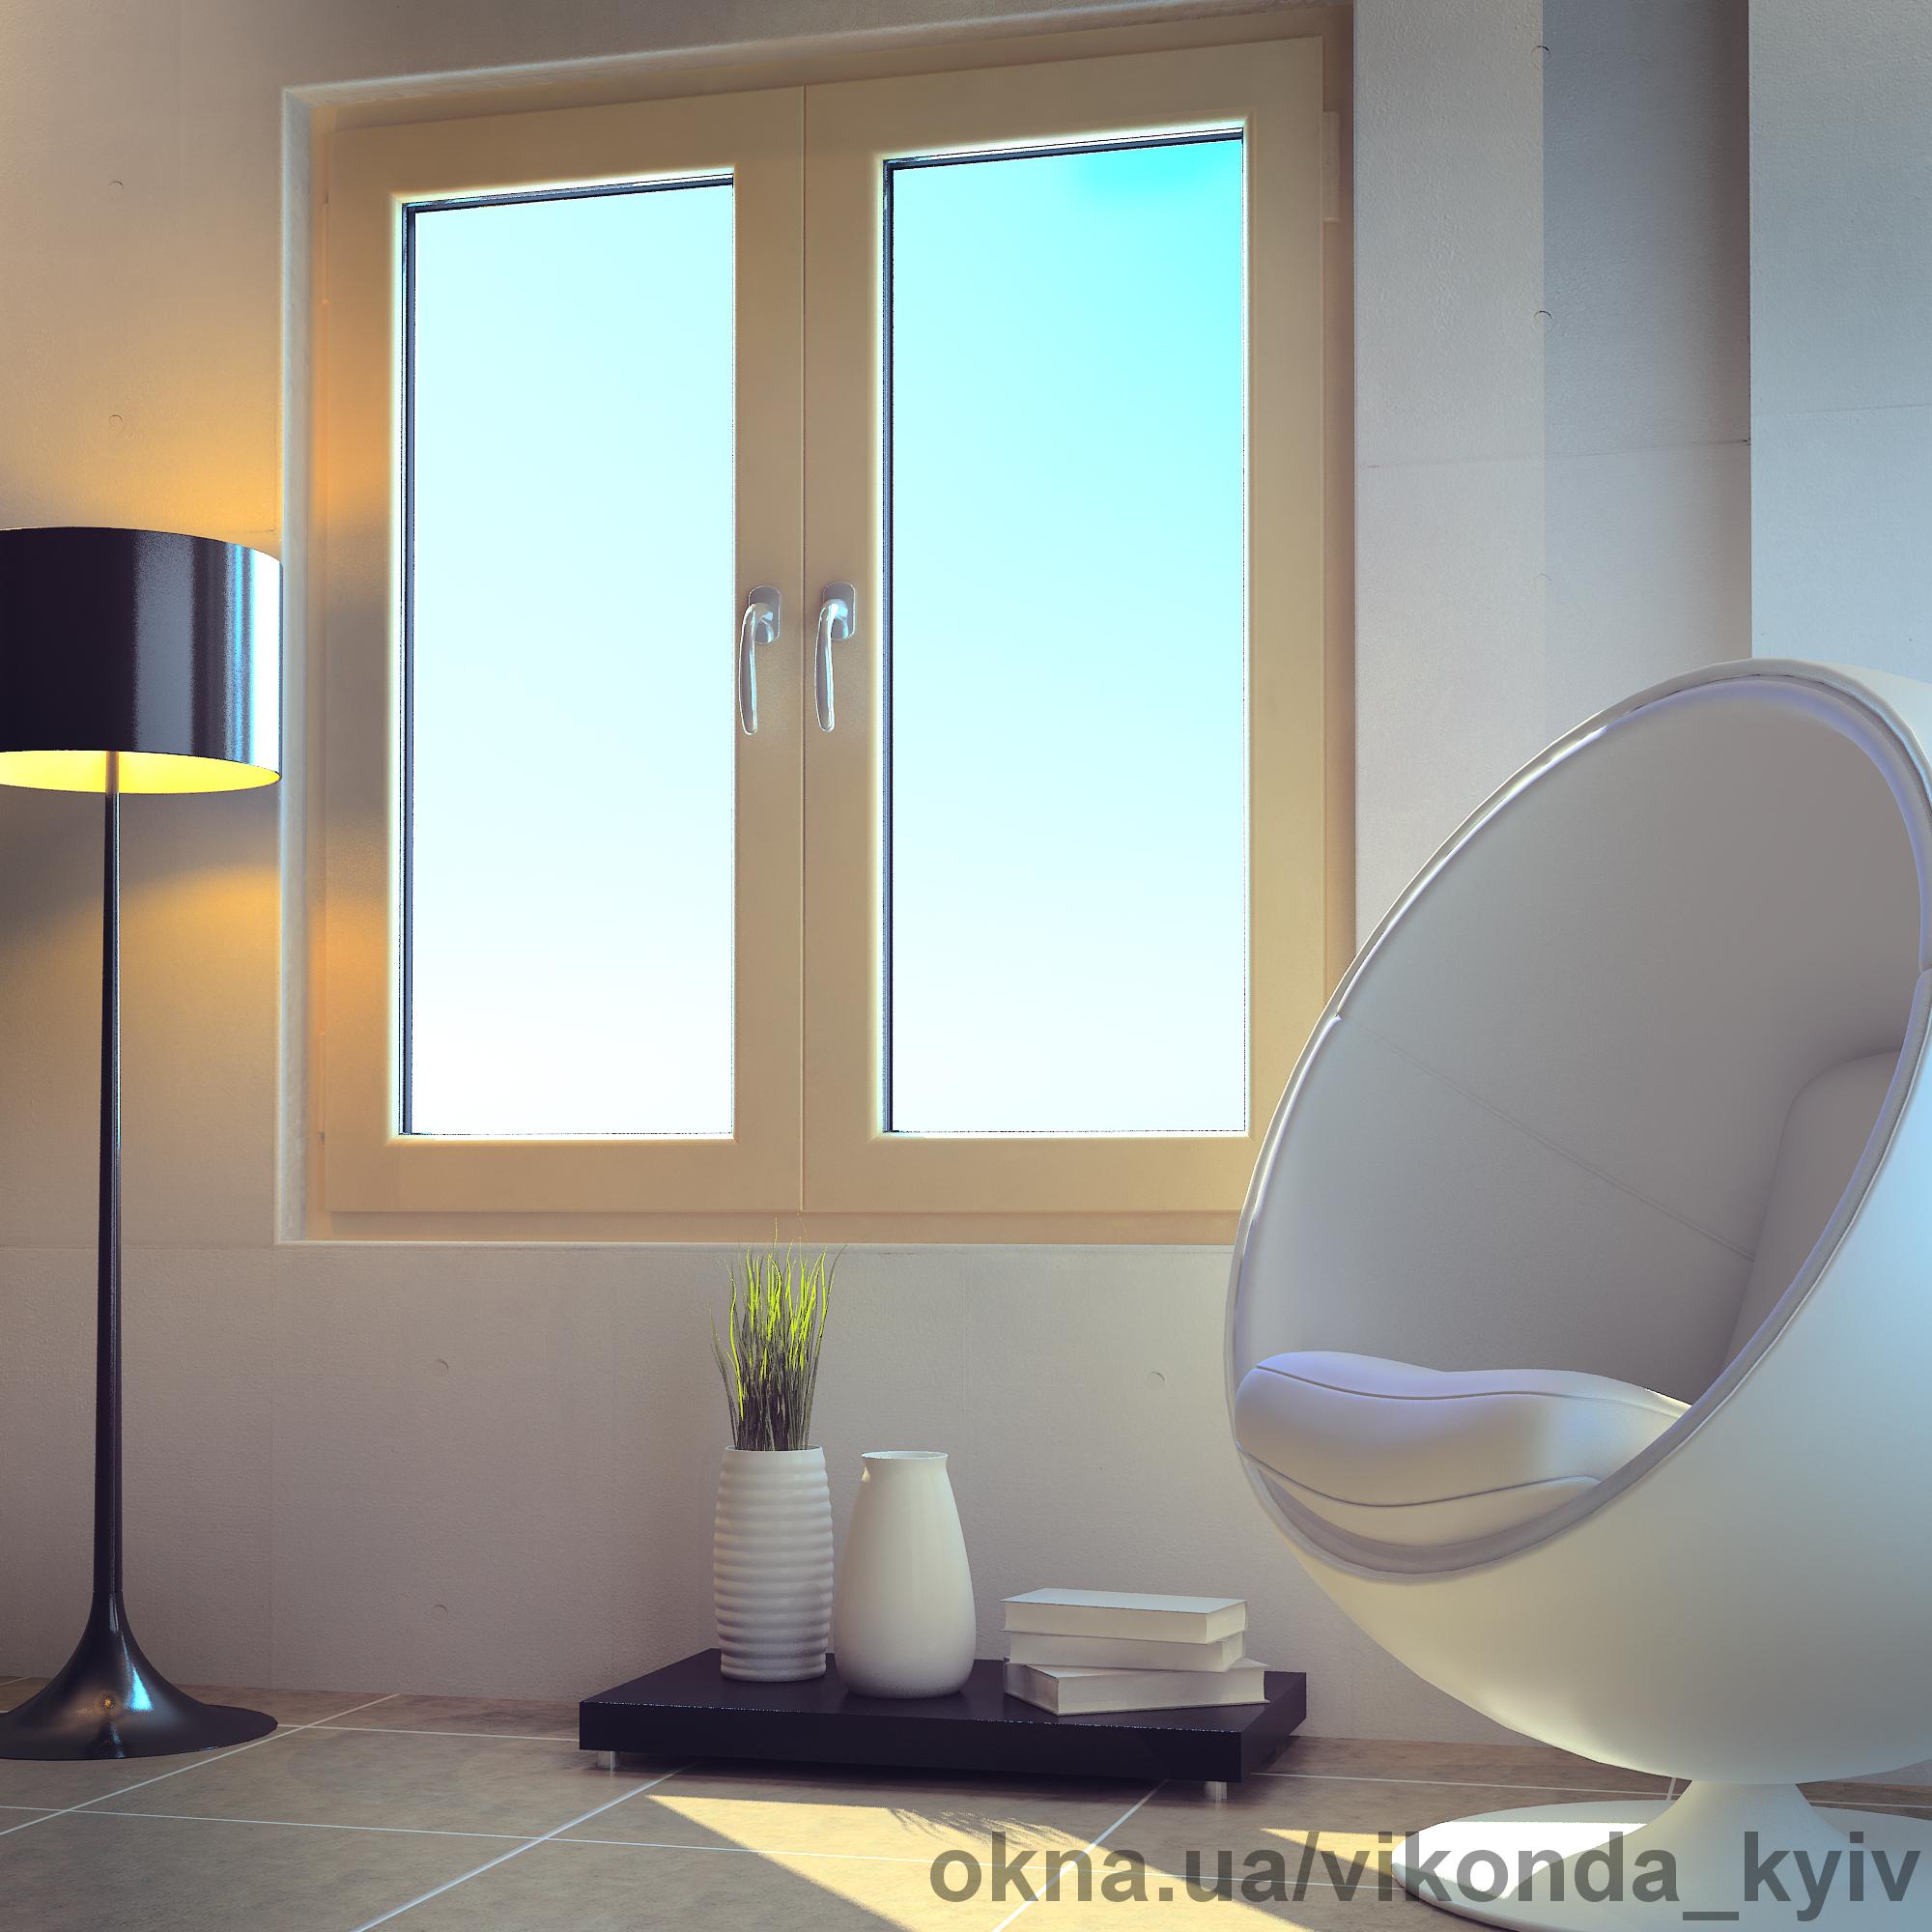 Металлопластиковые окна компании Виконда размером 1300х1400